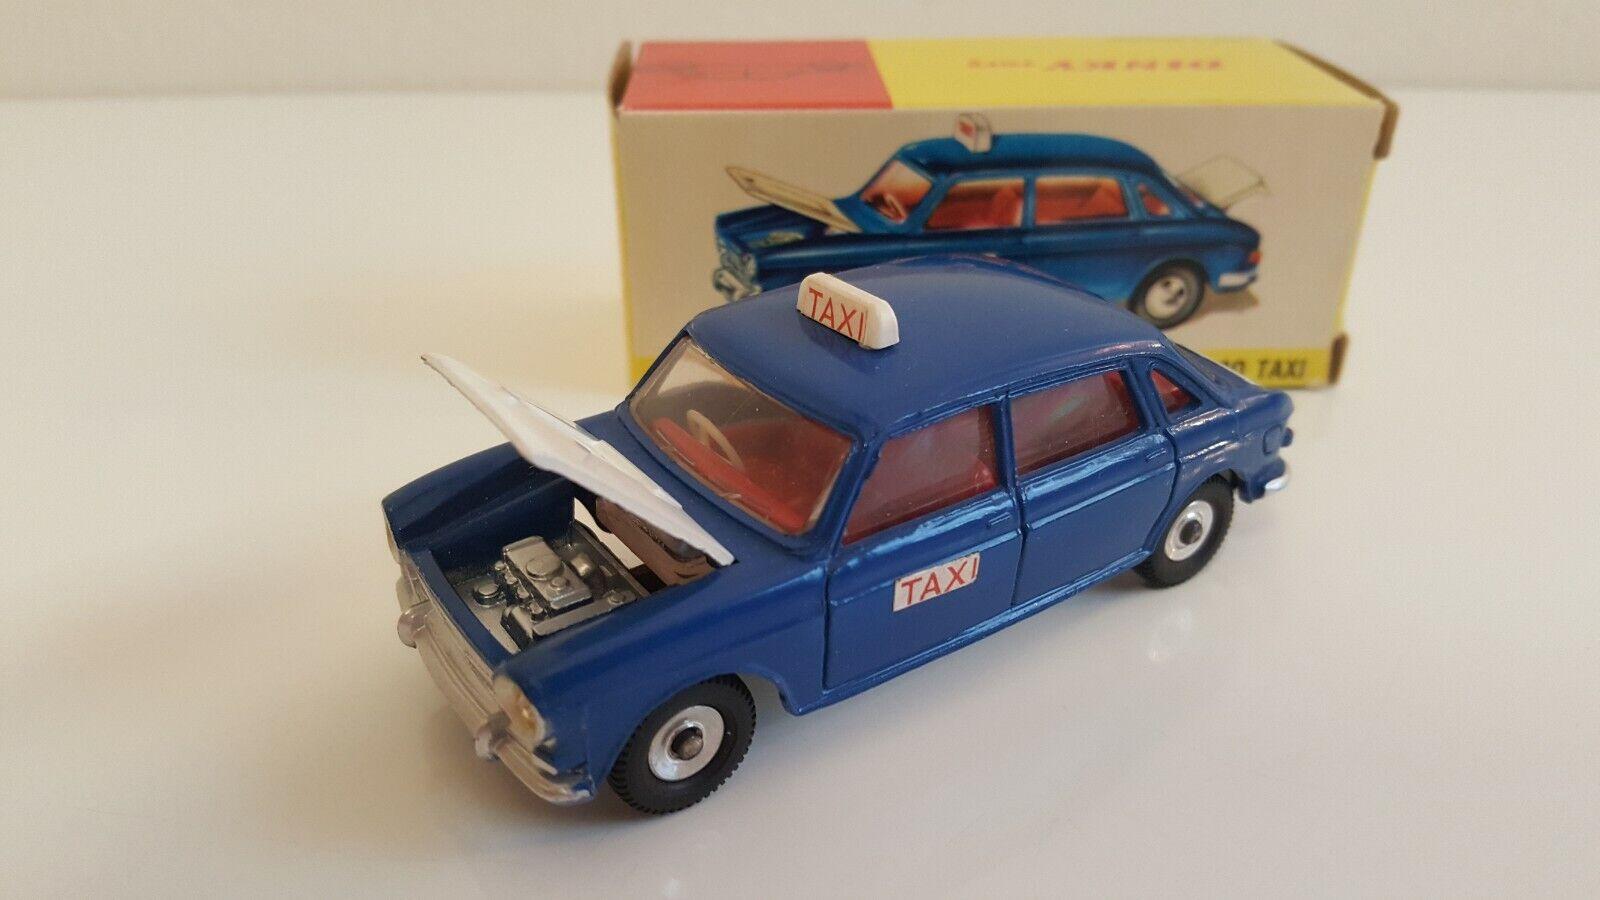 venta con alto descuento Dinky Juguetes - 282 - - - Austin 1800 Taxi en boîte d'origine MIB  Entrega rápida y envío gratis en todos los pedidos.